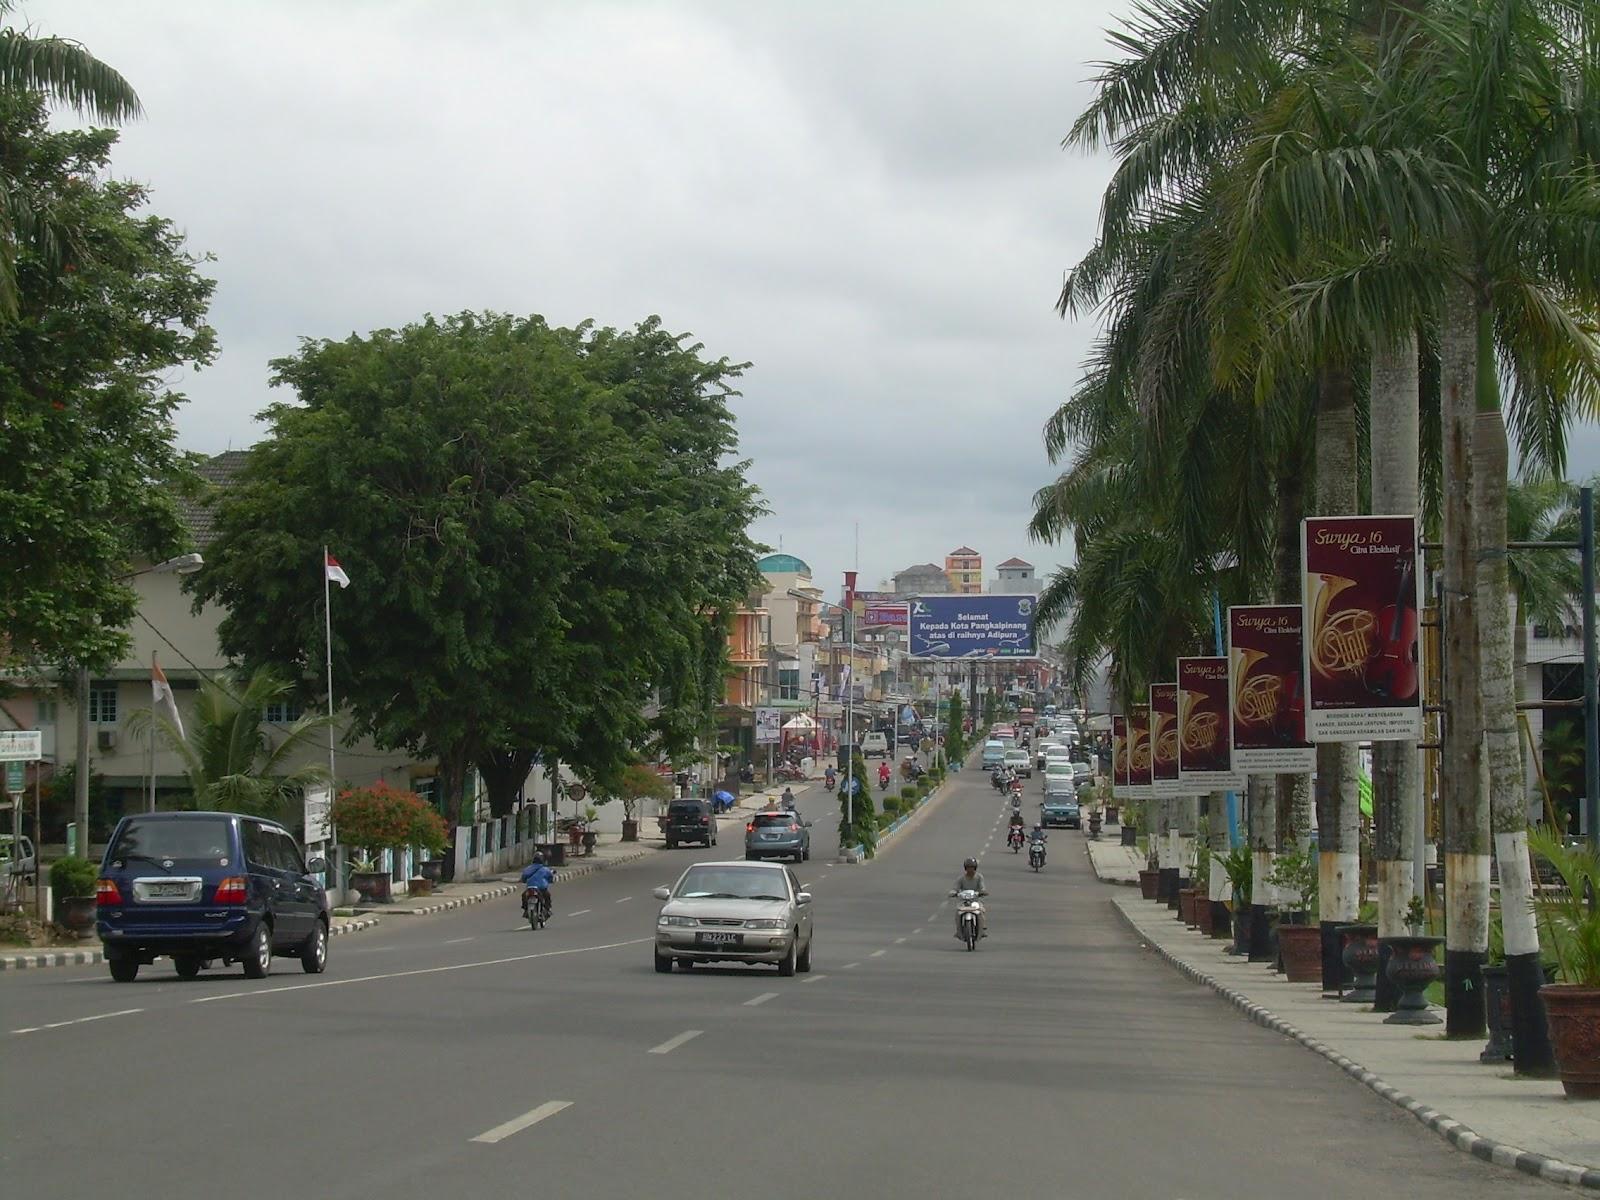 Blog Marissa Mustika Pariwisata Pangkalpinang Kota Terbesar Pulau Bangka Ibukota